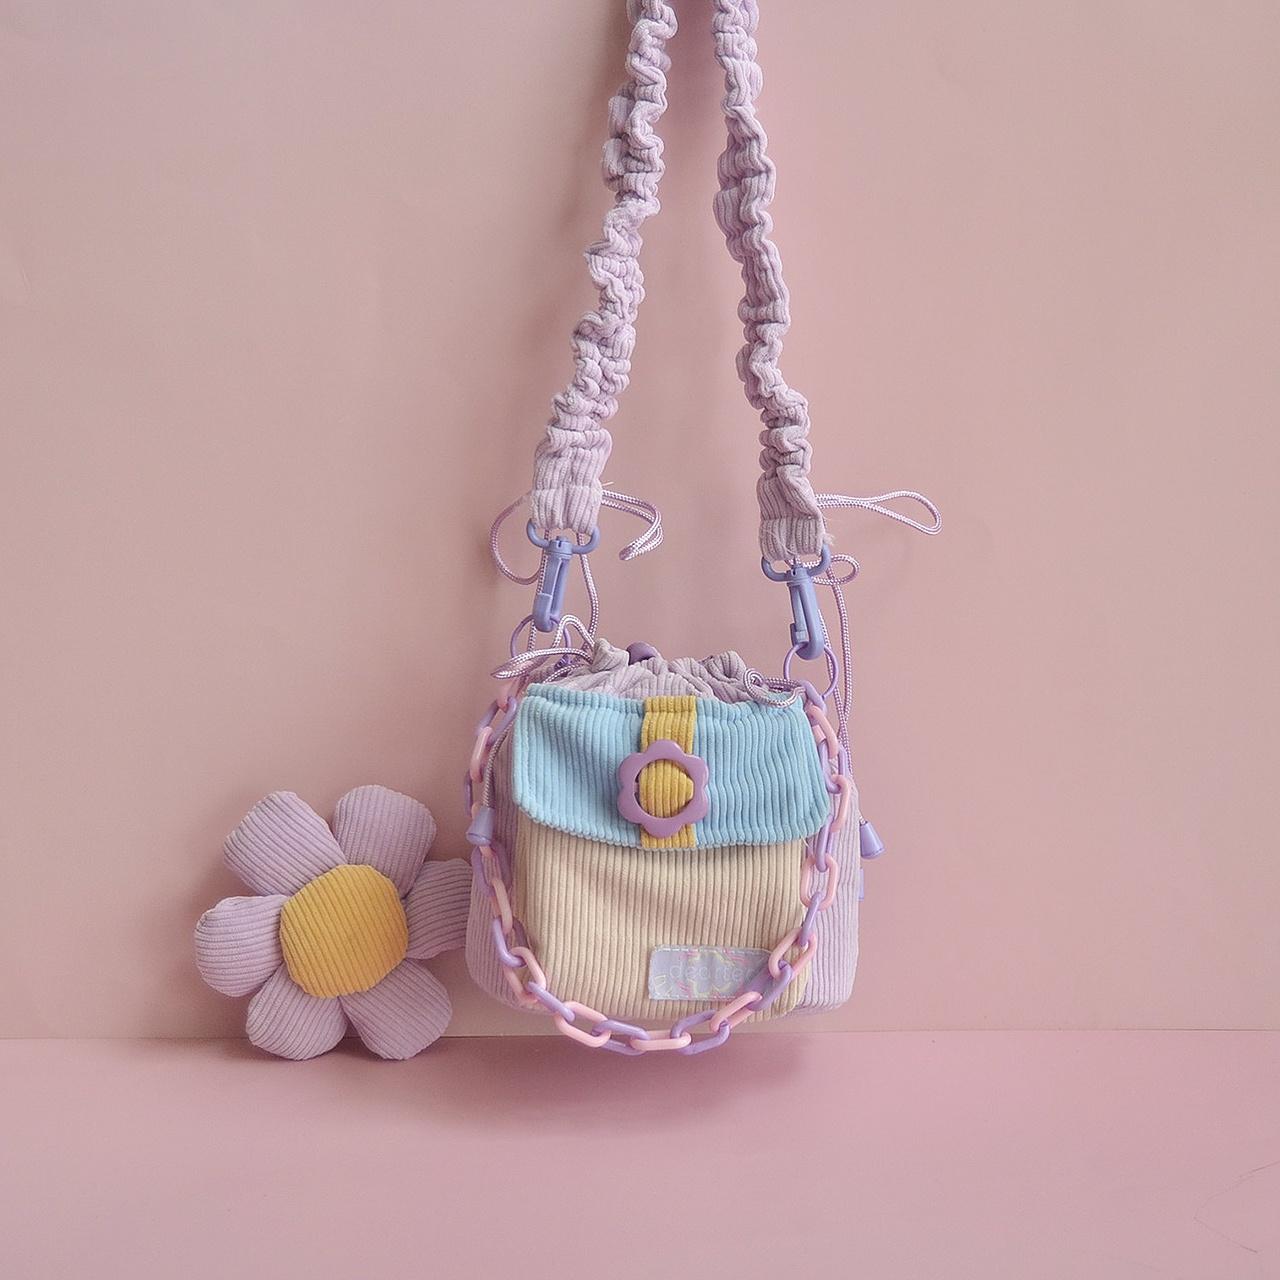 紫色水桶包 原创紫色包包女斜挎包灯芯绒撞色花朵包包可爱少女斜挎水桶包女_推荐淘宝好看的紫色水桶包